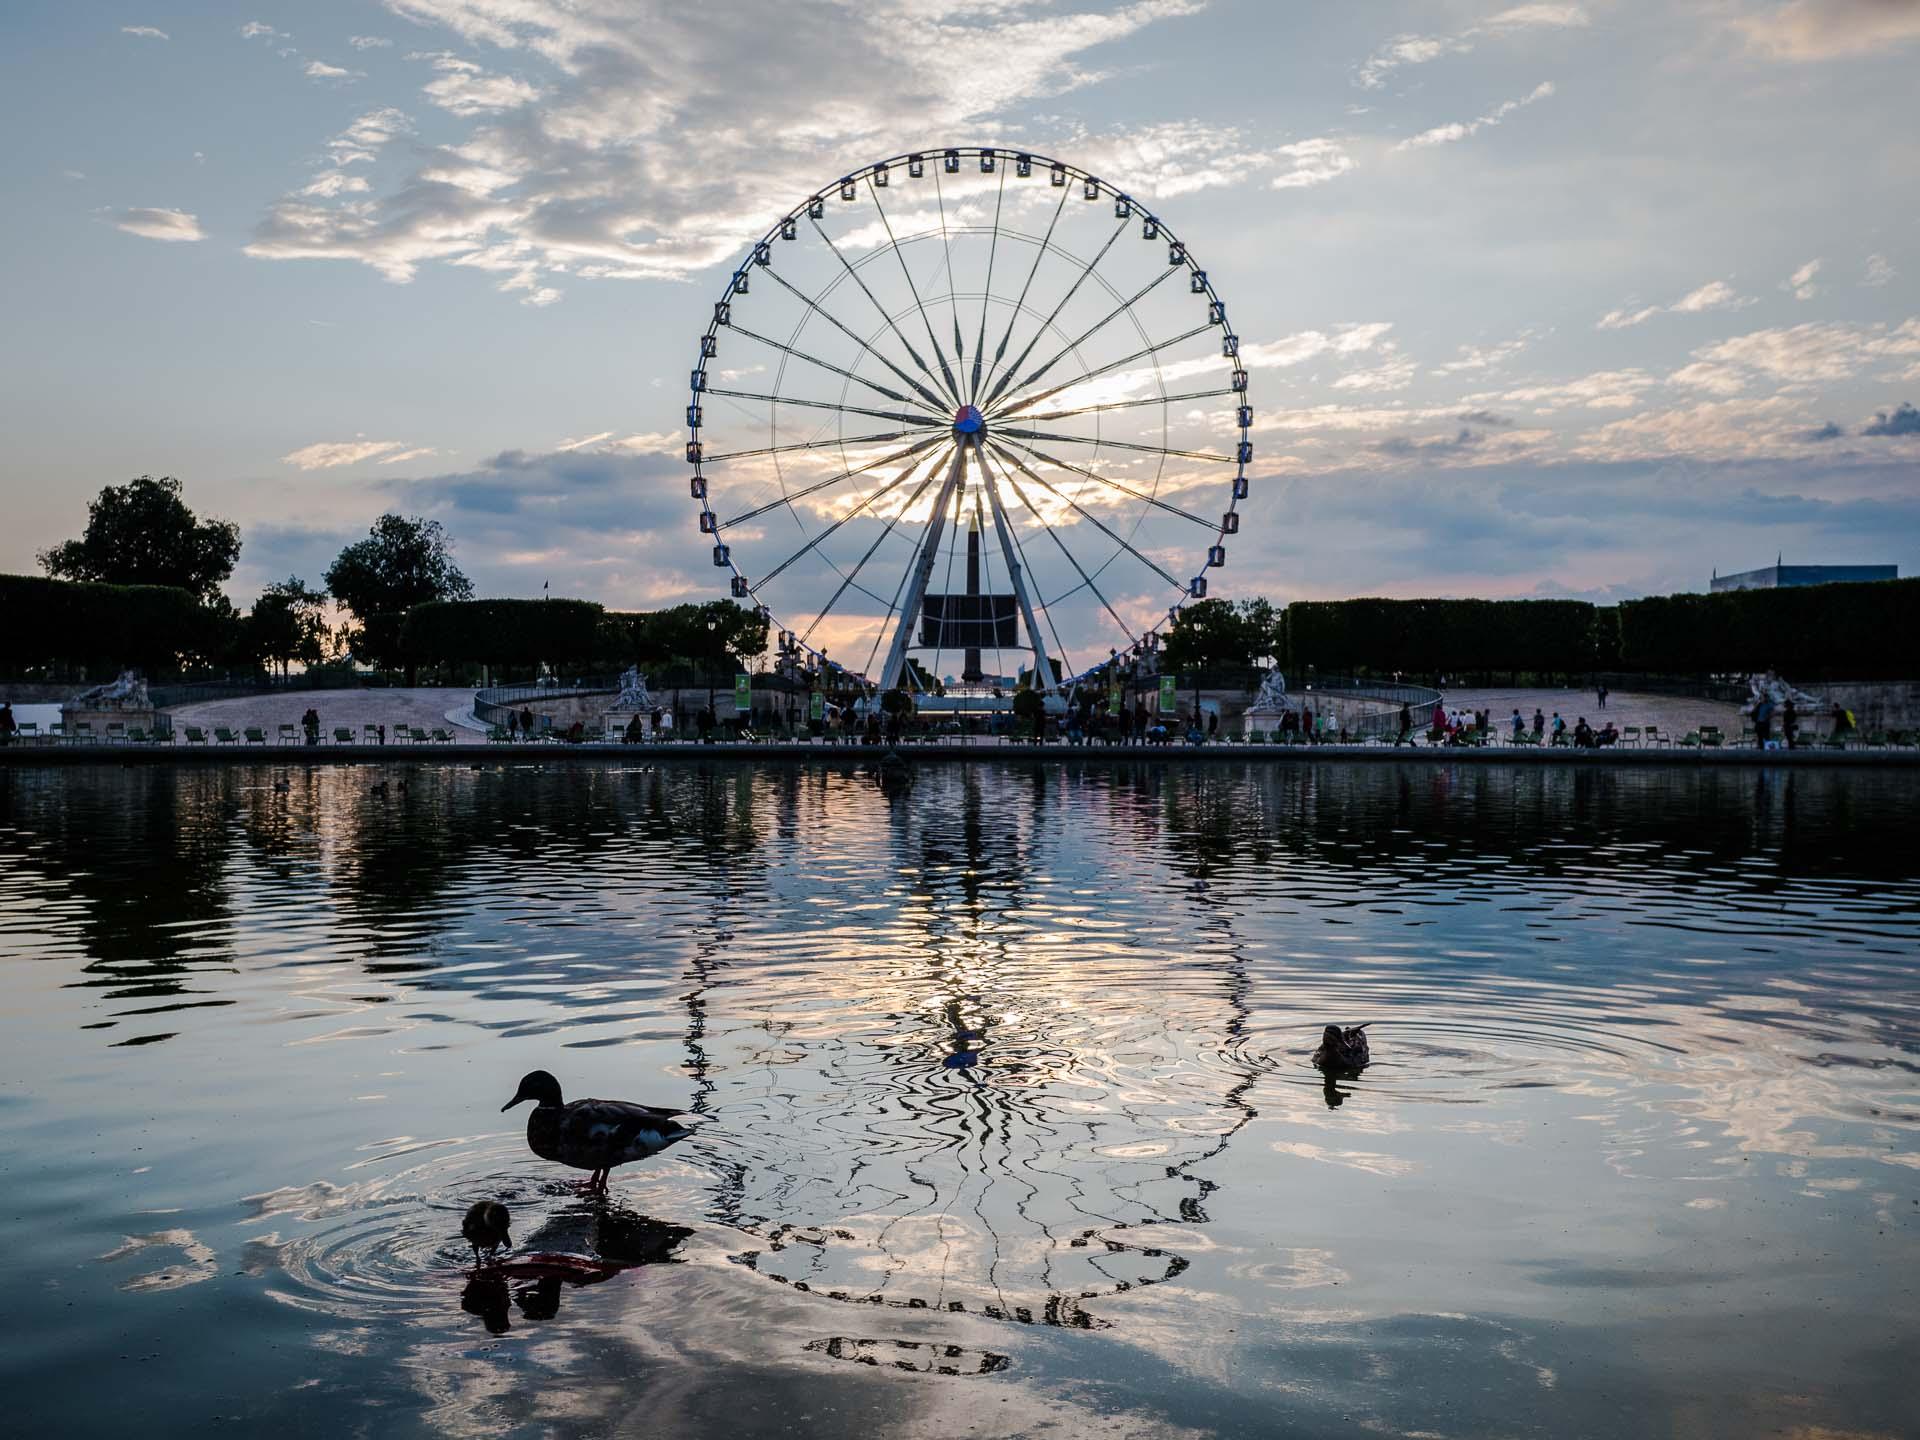 Paris Reisetipp: Jardin des Tuleries Riesenrad